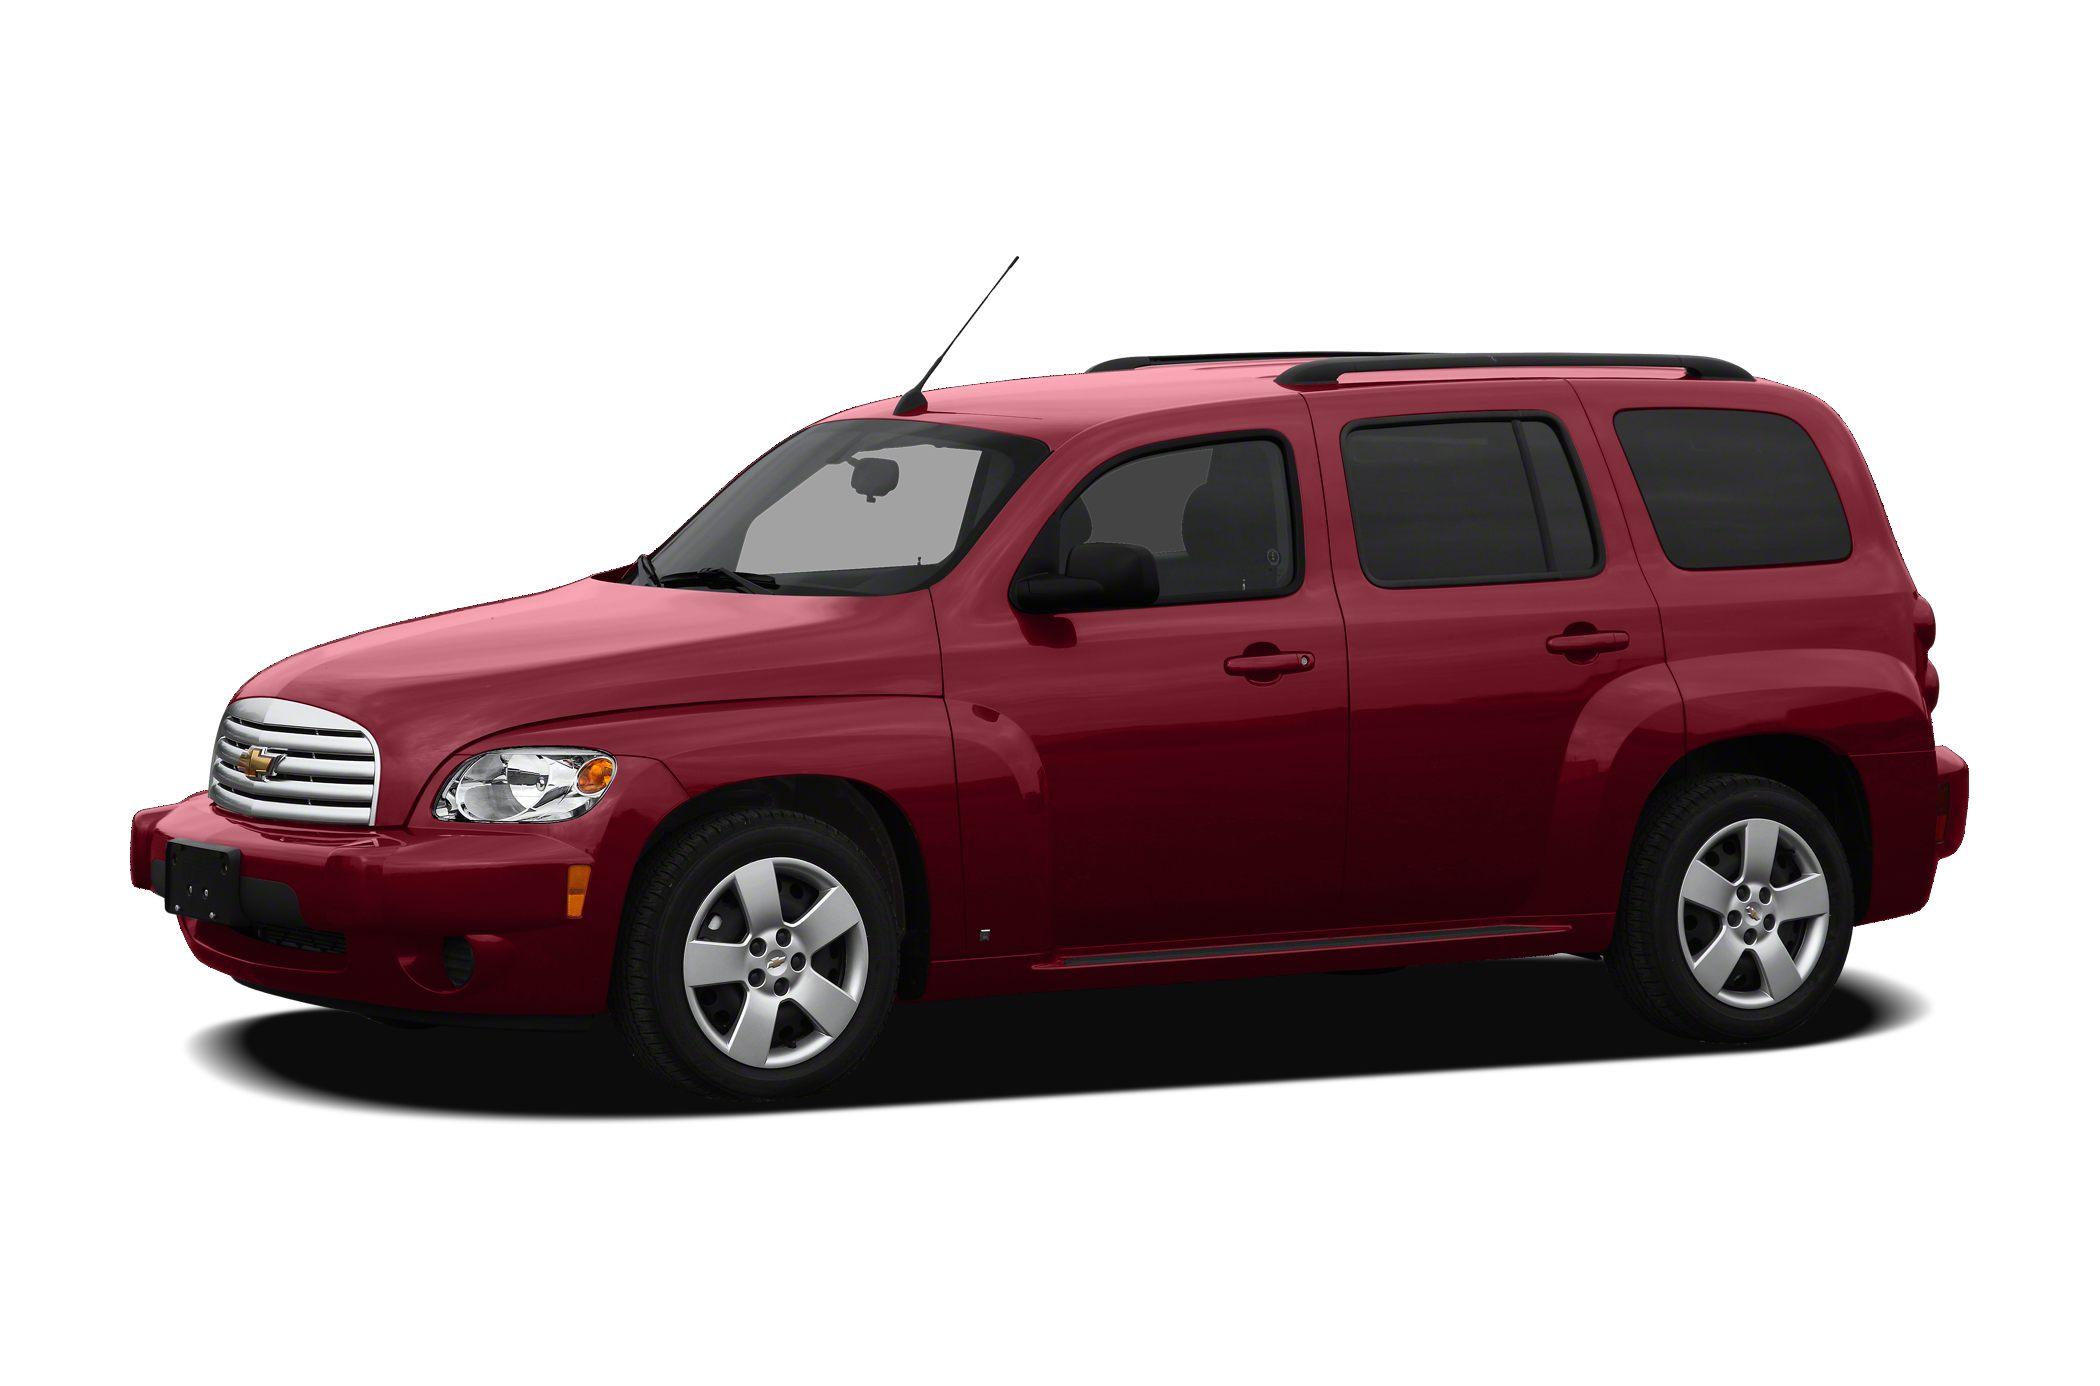 2011 Chevrolet Hhr Information 2006 Chevy Cobalt Ls Power Steeringinstrument Panellost